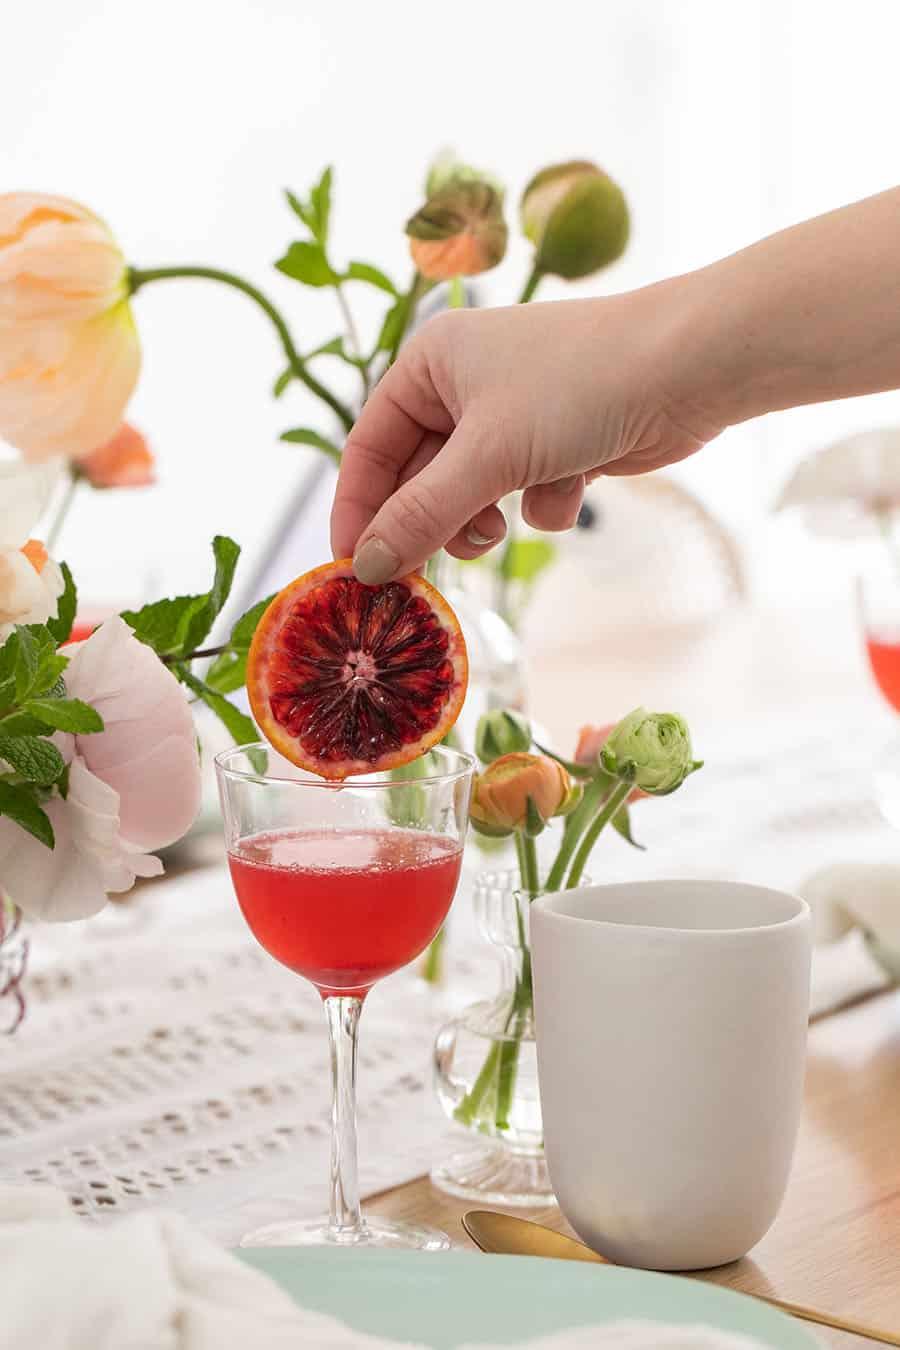 Eden Passante adding a blood orange slice into a blood orange mimosa.